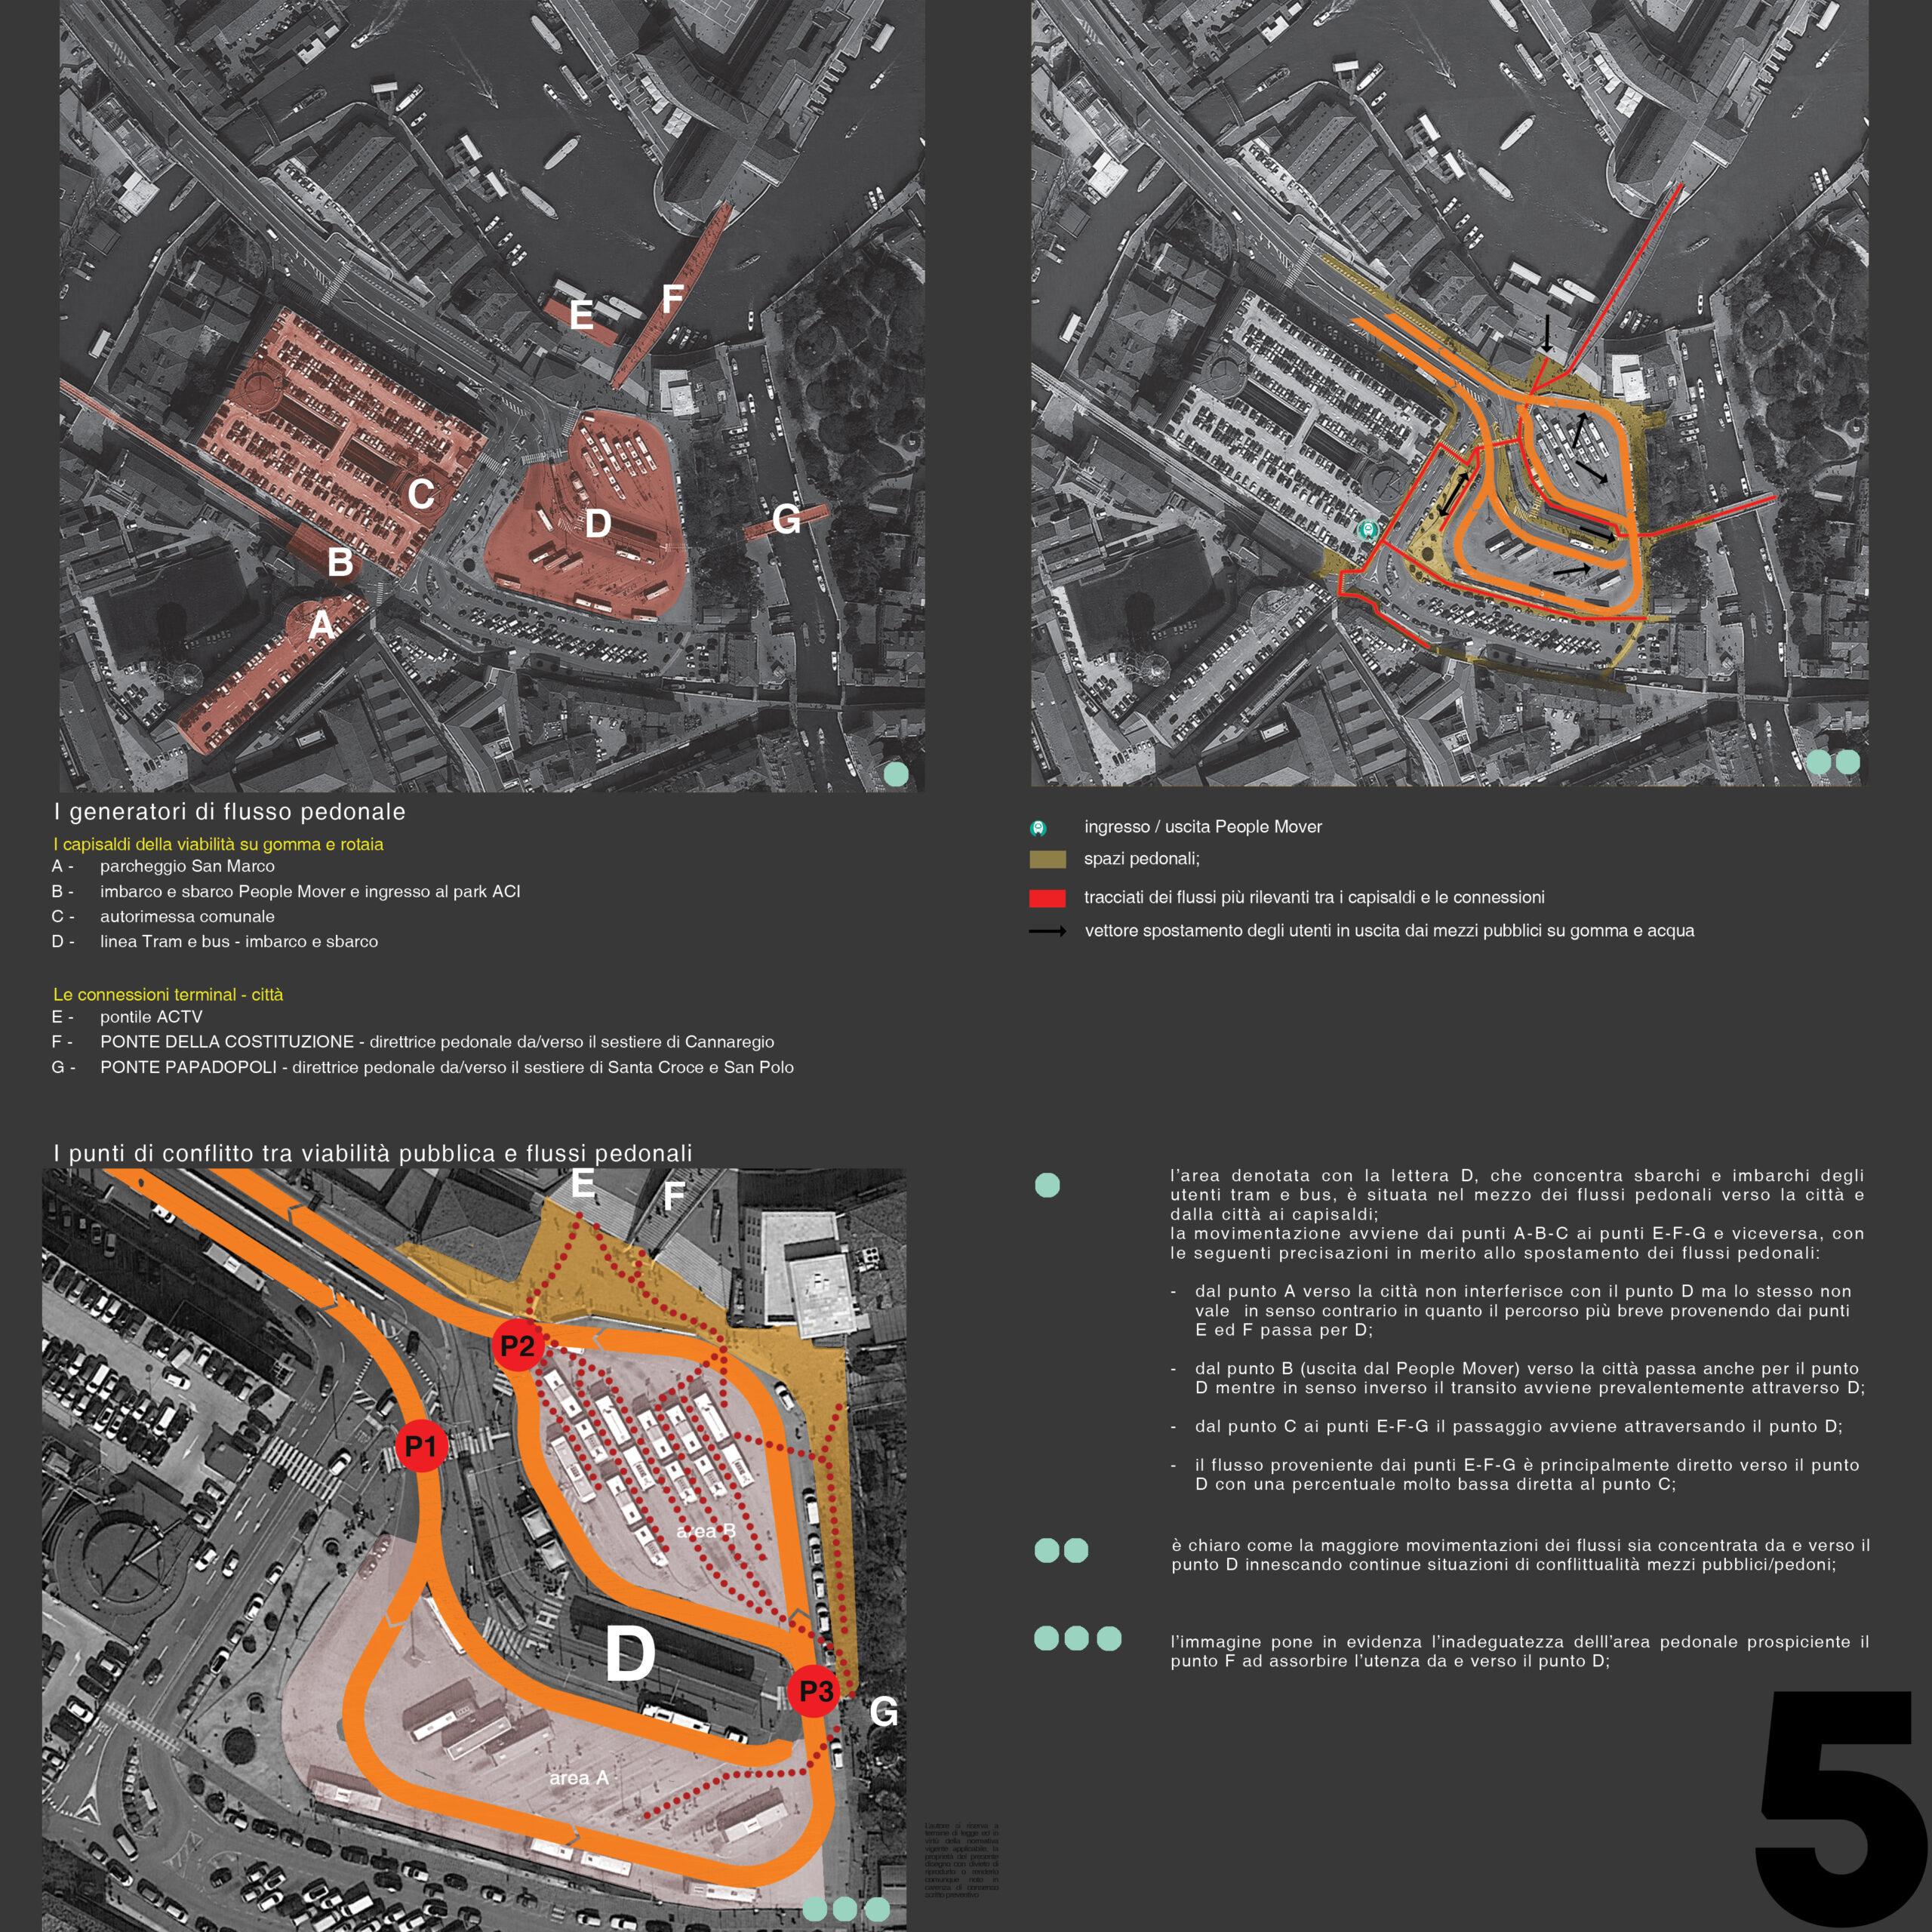 Piazzale Roma_piano di riassetto funzionale 05